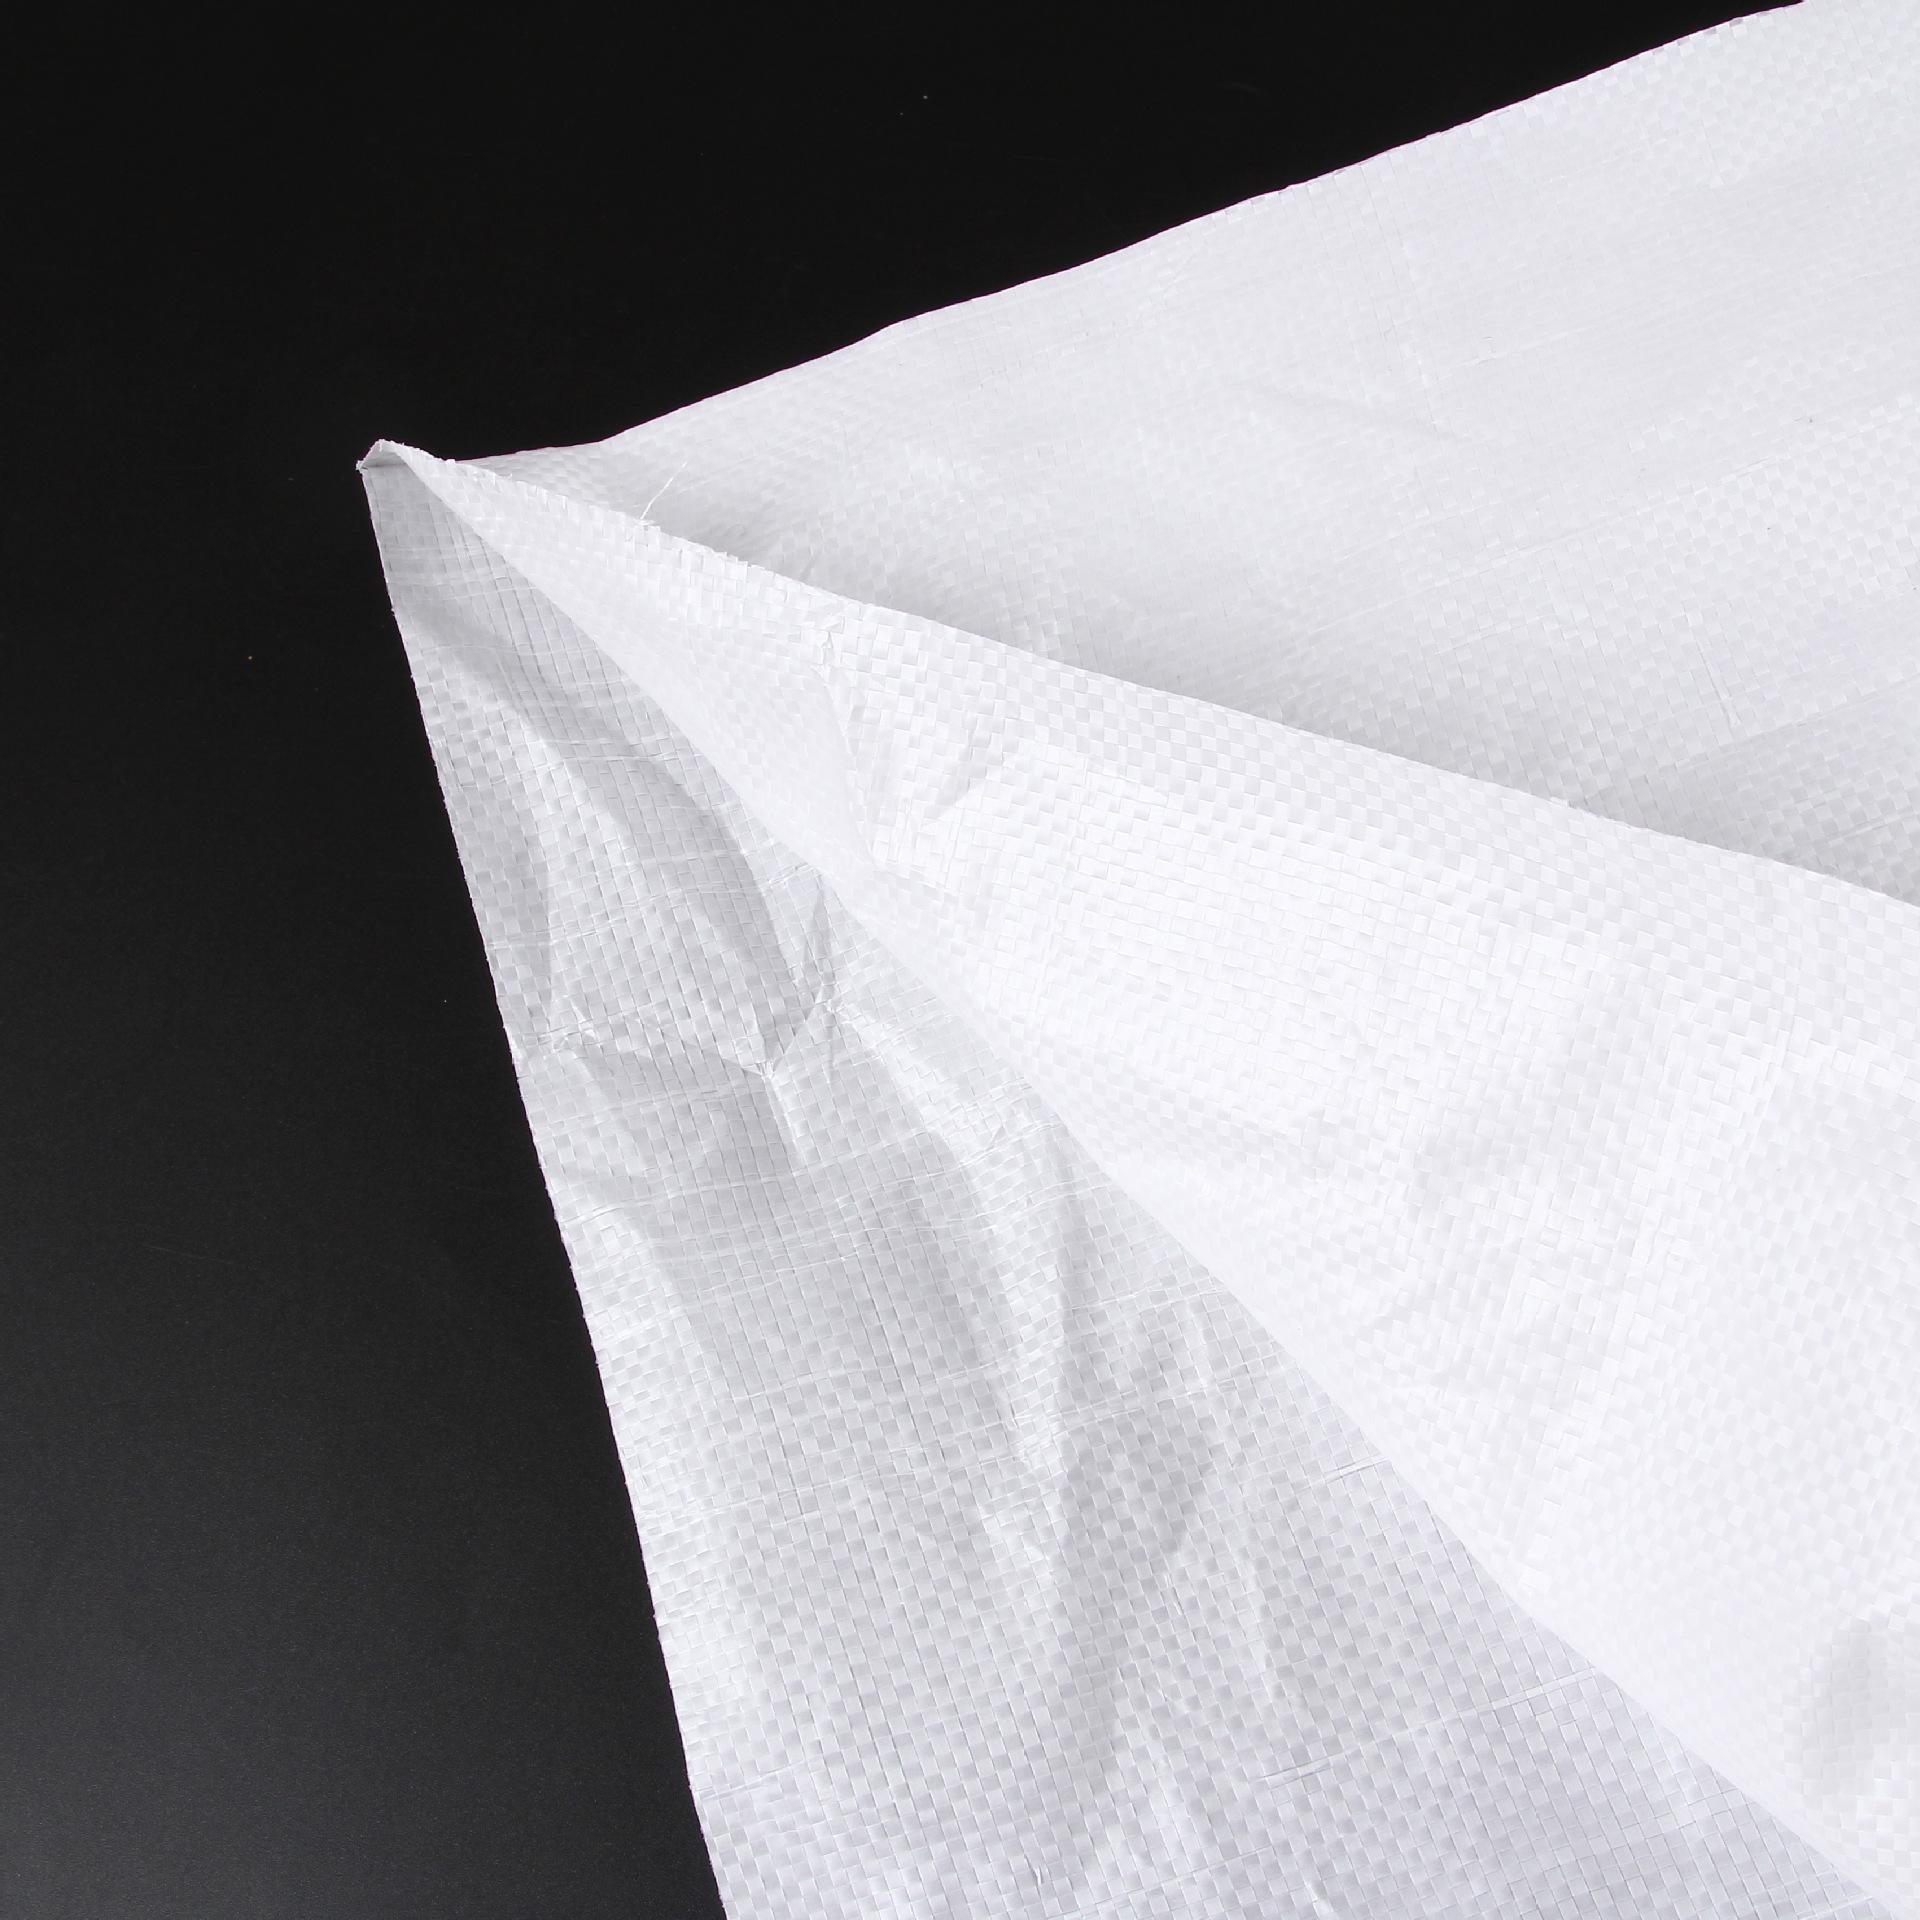 FENGNIAO Bao dệt Túi dệt tại chỗ nhựa PP Túi dệt trắng đốm rắn da túi tùy chỉnh in Túi dày dệt túi